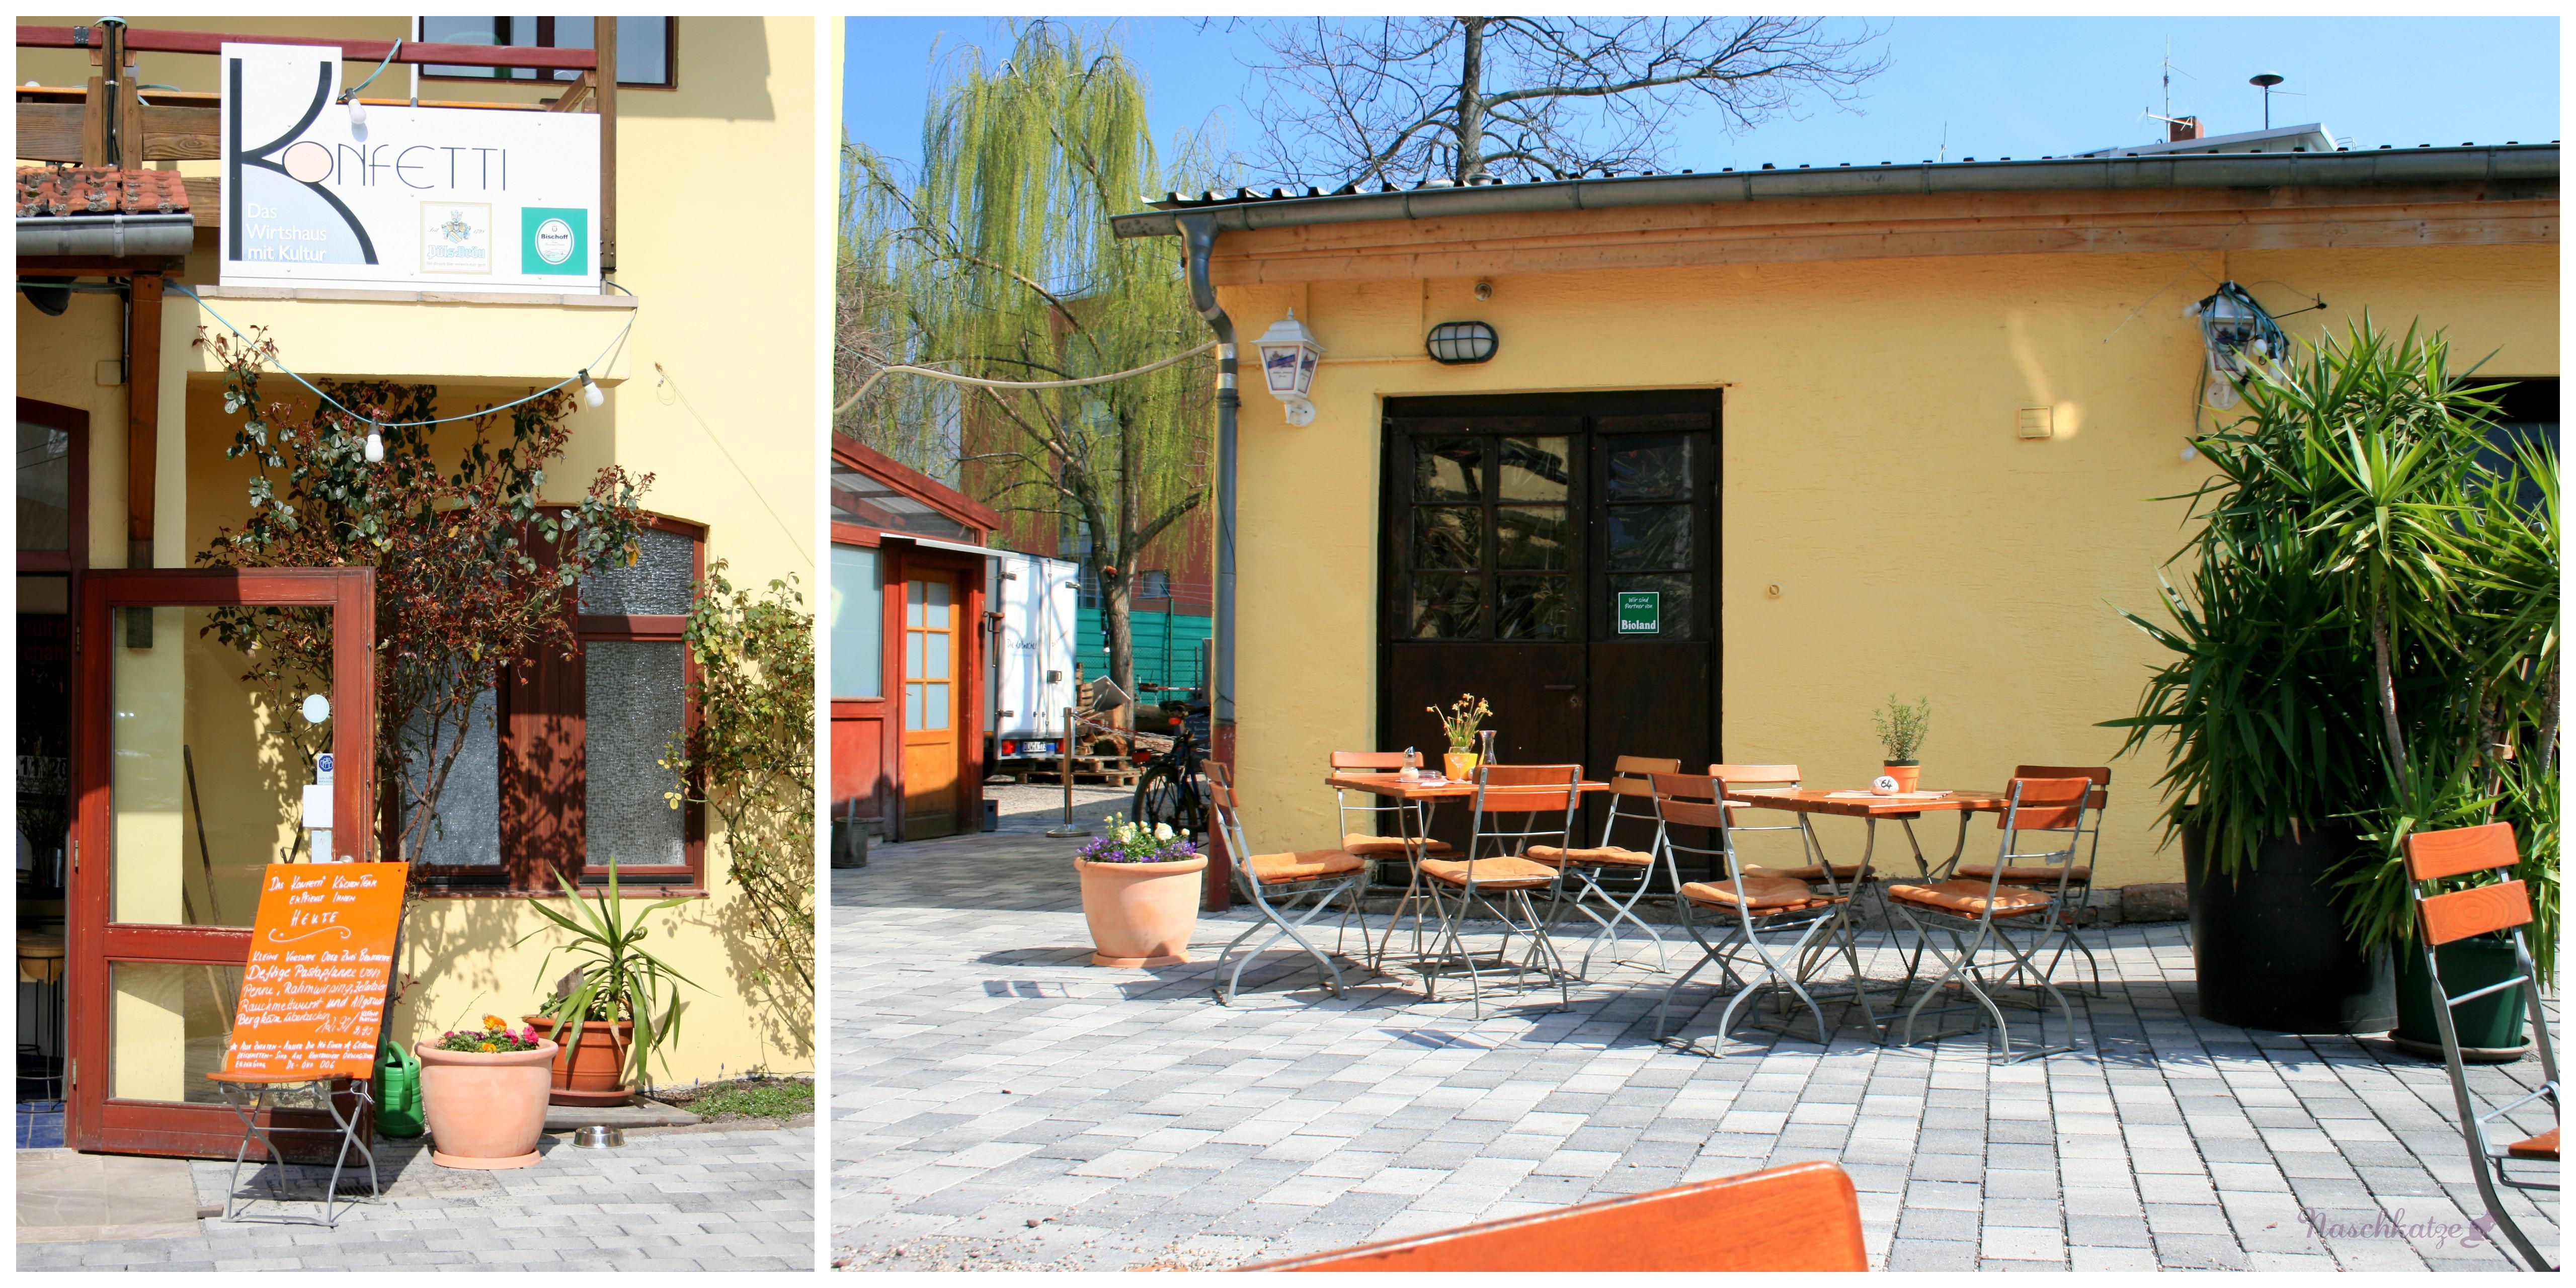 Meine Neuentdeckung In Neustadt An Der Weinstra E Das